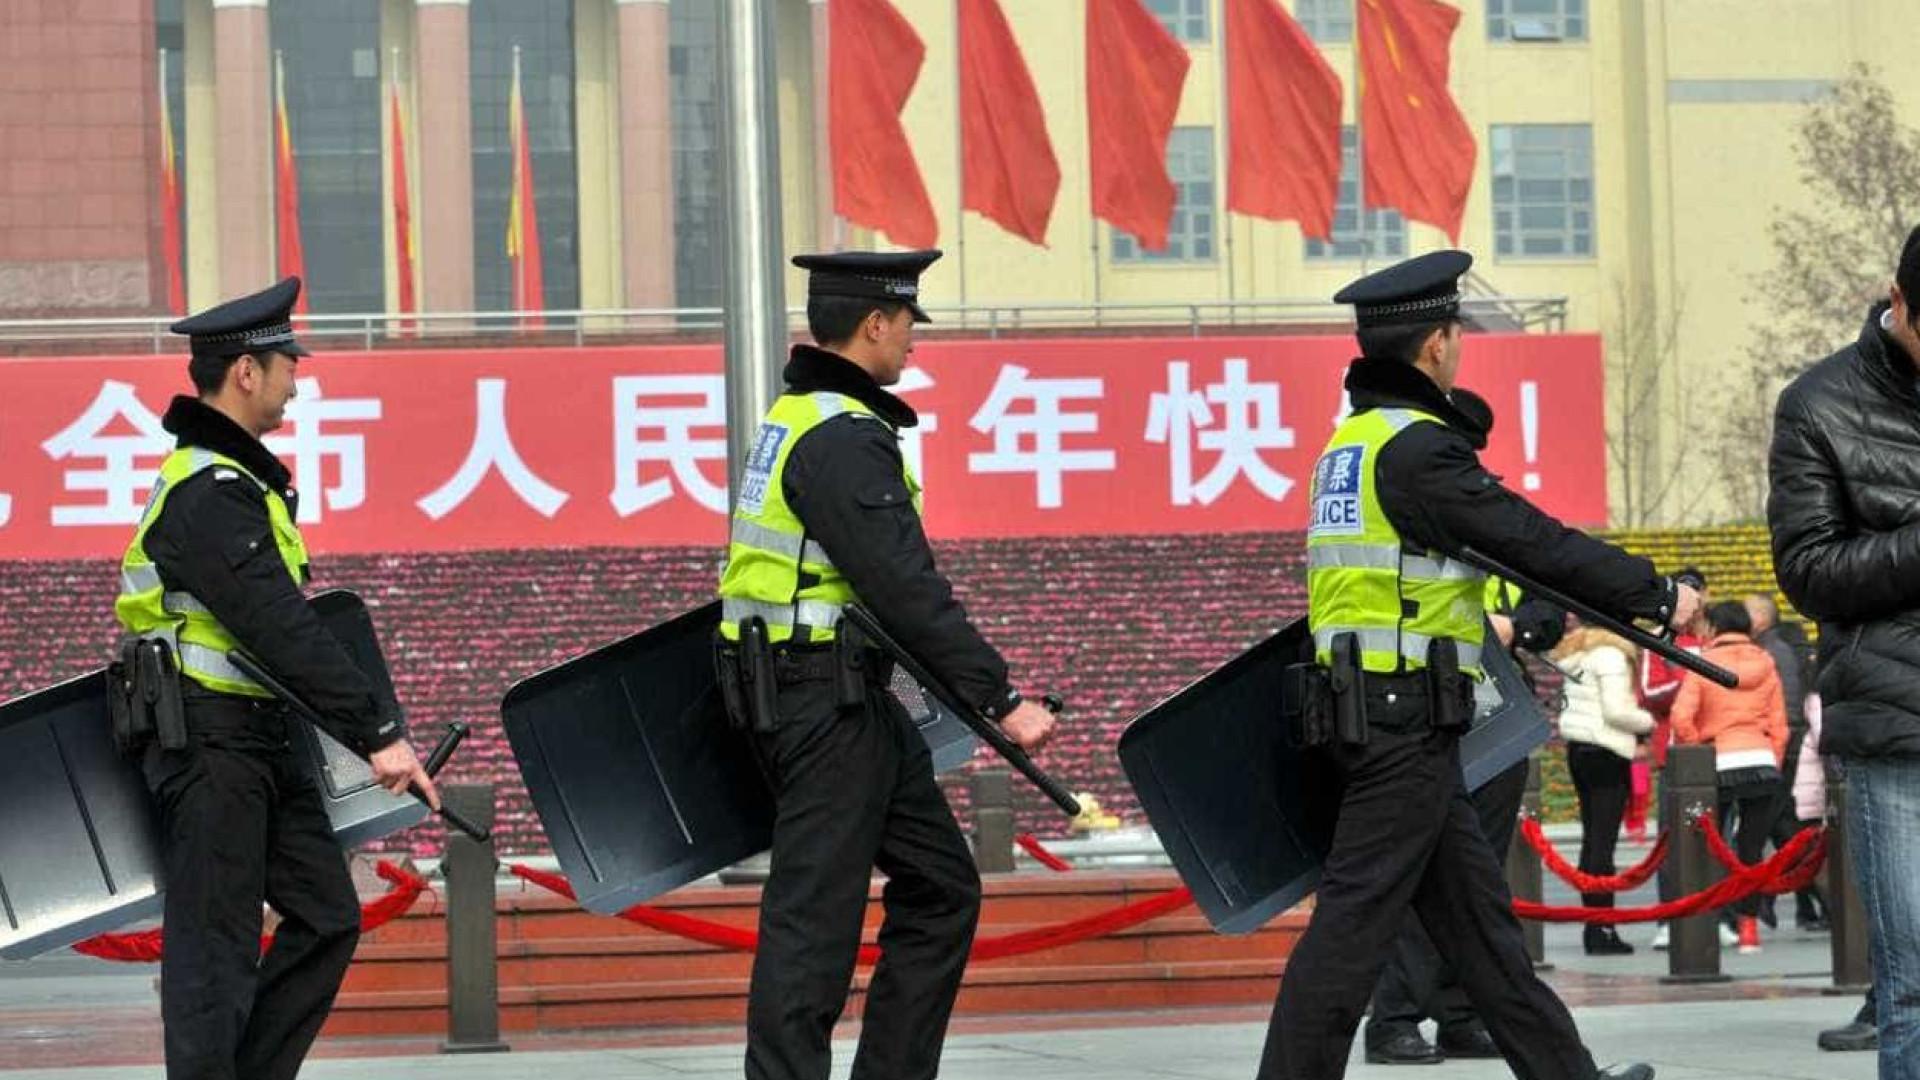 Acidente rodoviário na China deixa pelo menos 14 mortos e 27 feridos